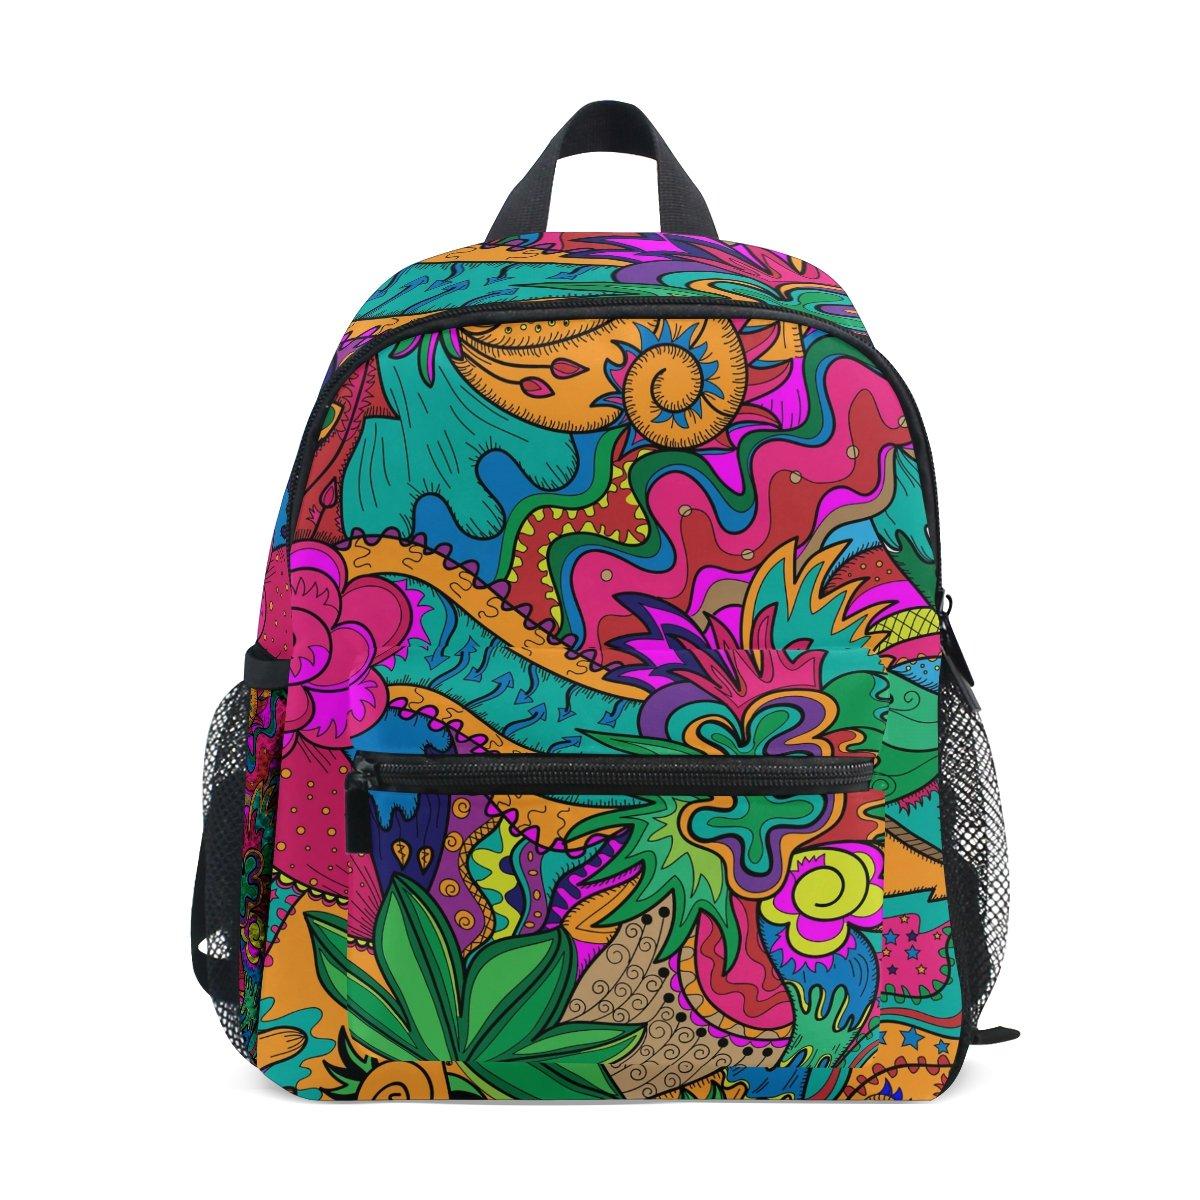 COOSUN Hippie Dibujo Favoritos como Kinder Stoner Arte Mini Mochila Kids Pre-Escolar del niño Bolsa: Amazon.es: Equipaje